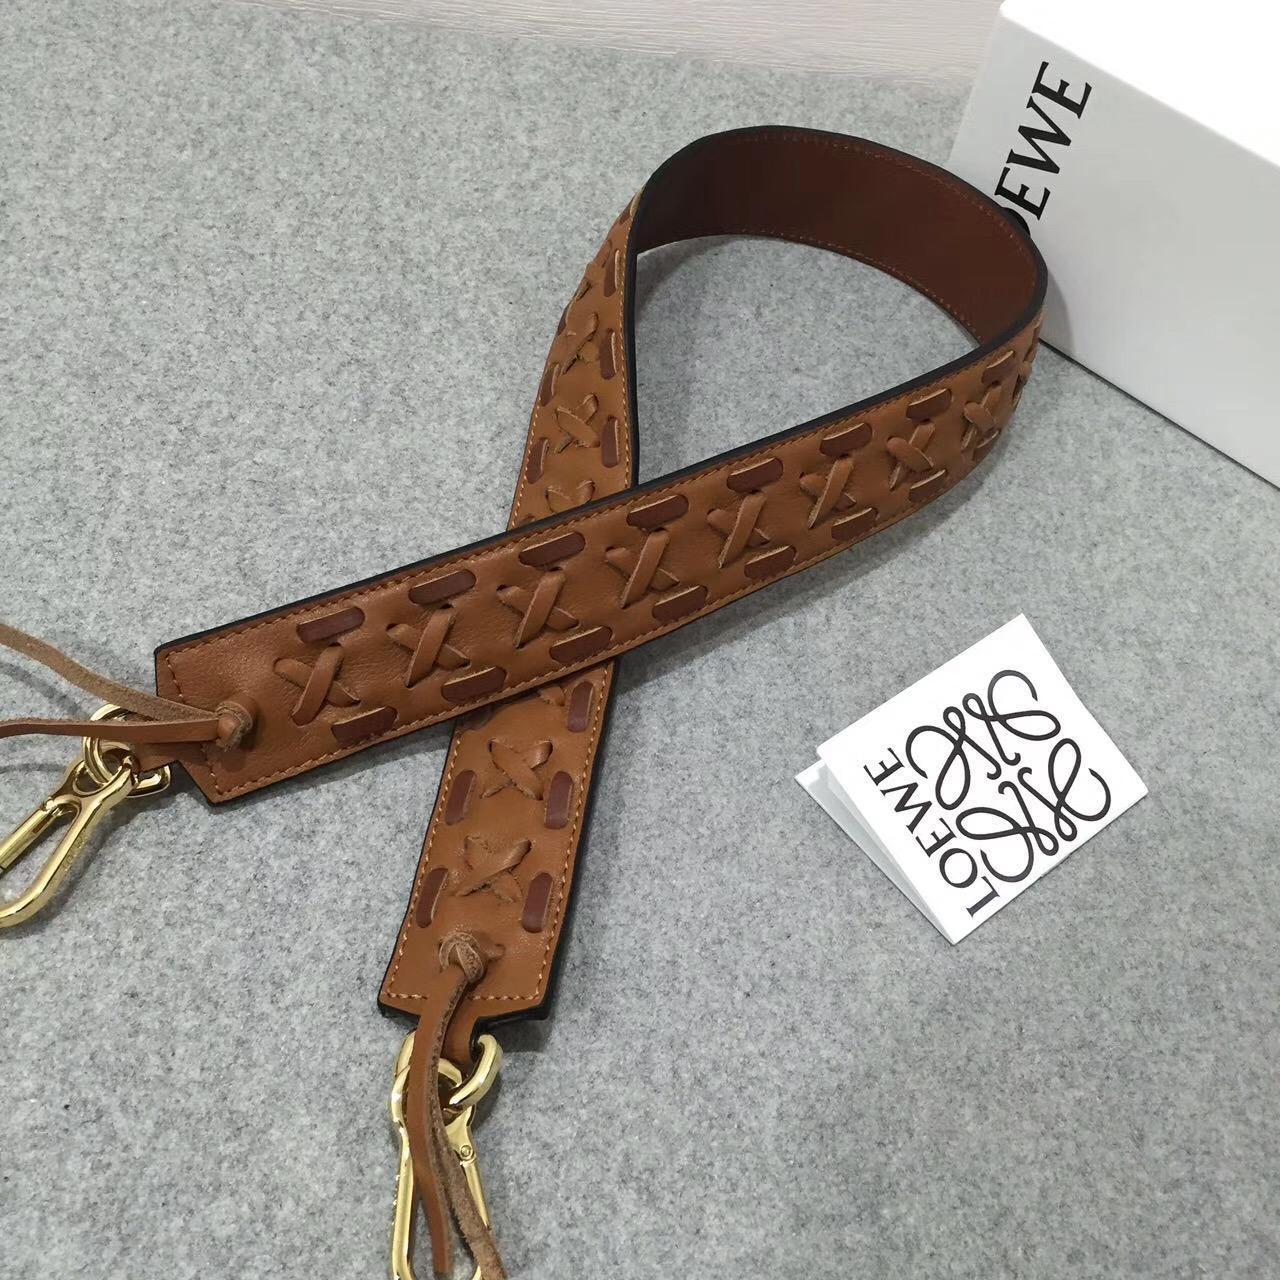 羅意威loewe Laced新款拼色編織肩帶 Strap 棕色